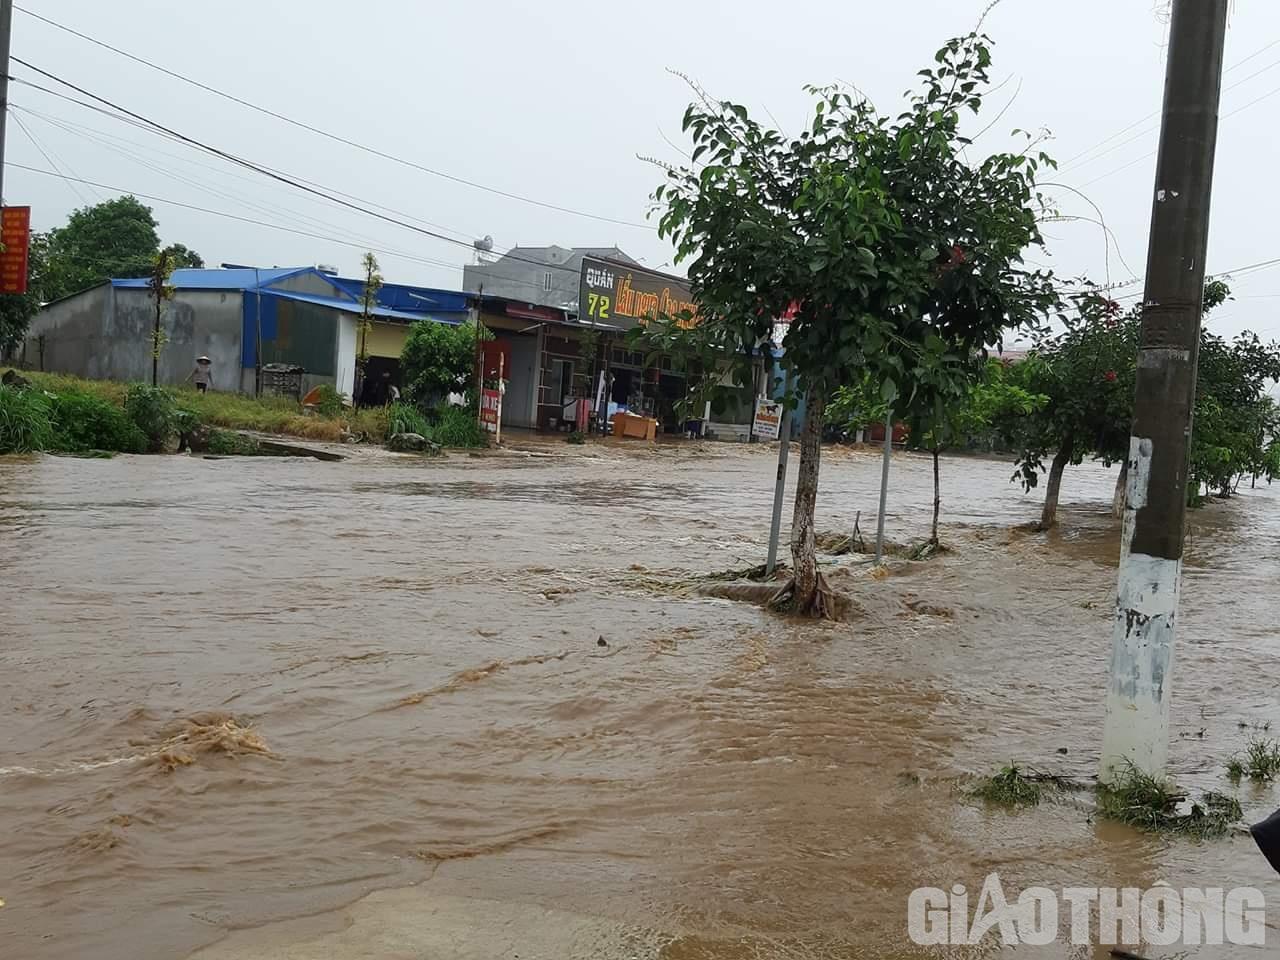 Mưa lũ khiến 1 người chết, hàng trăm ngôi nhà ở Sơn La bị ngập sâu - Ảnh 3